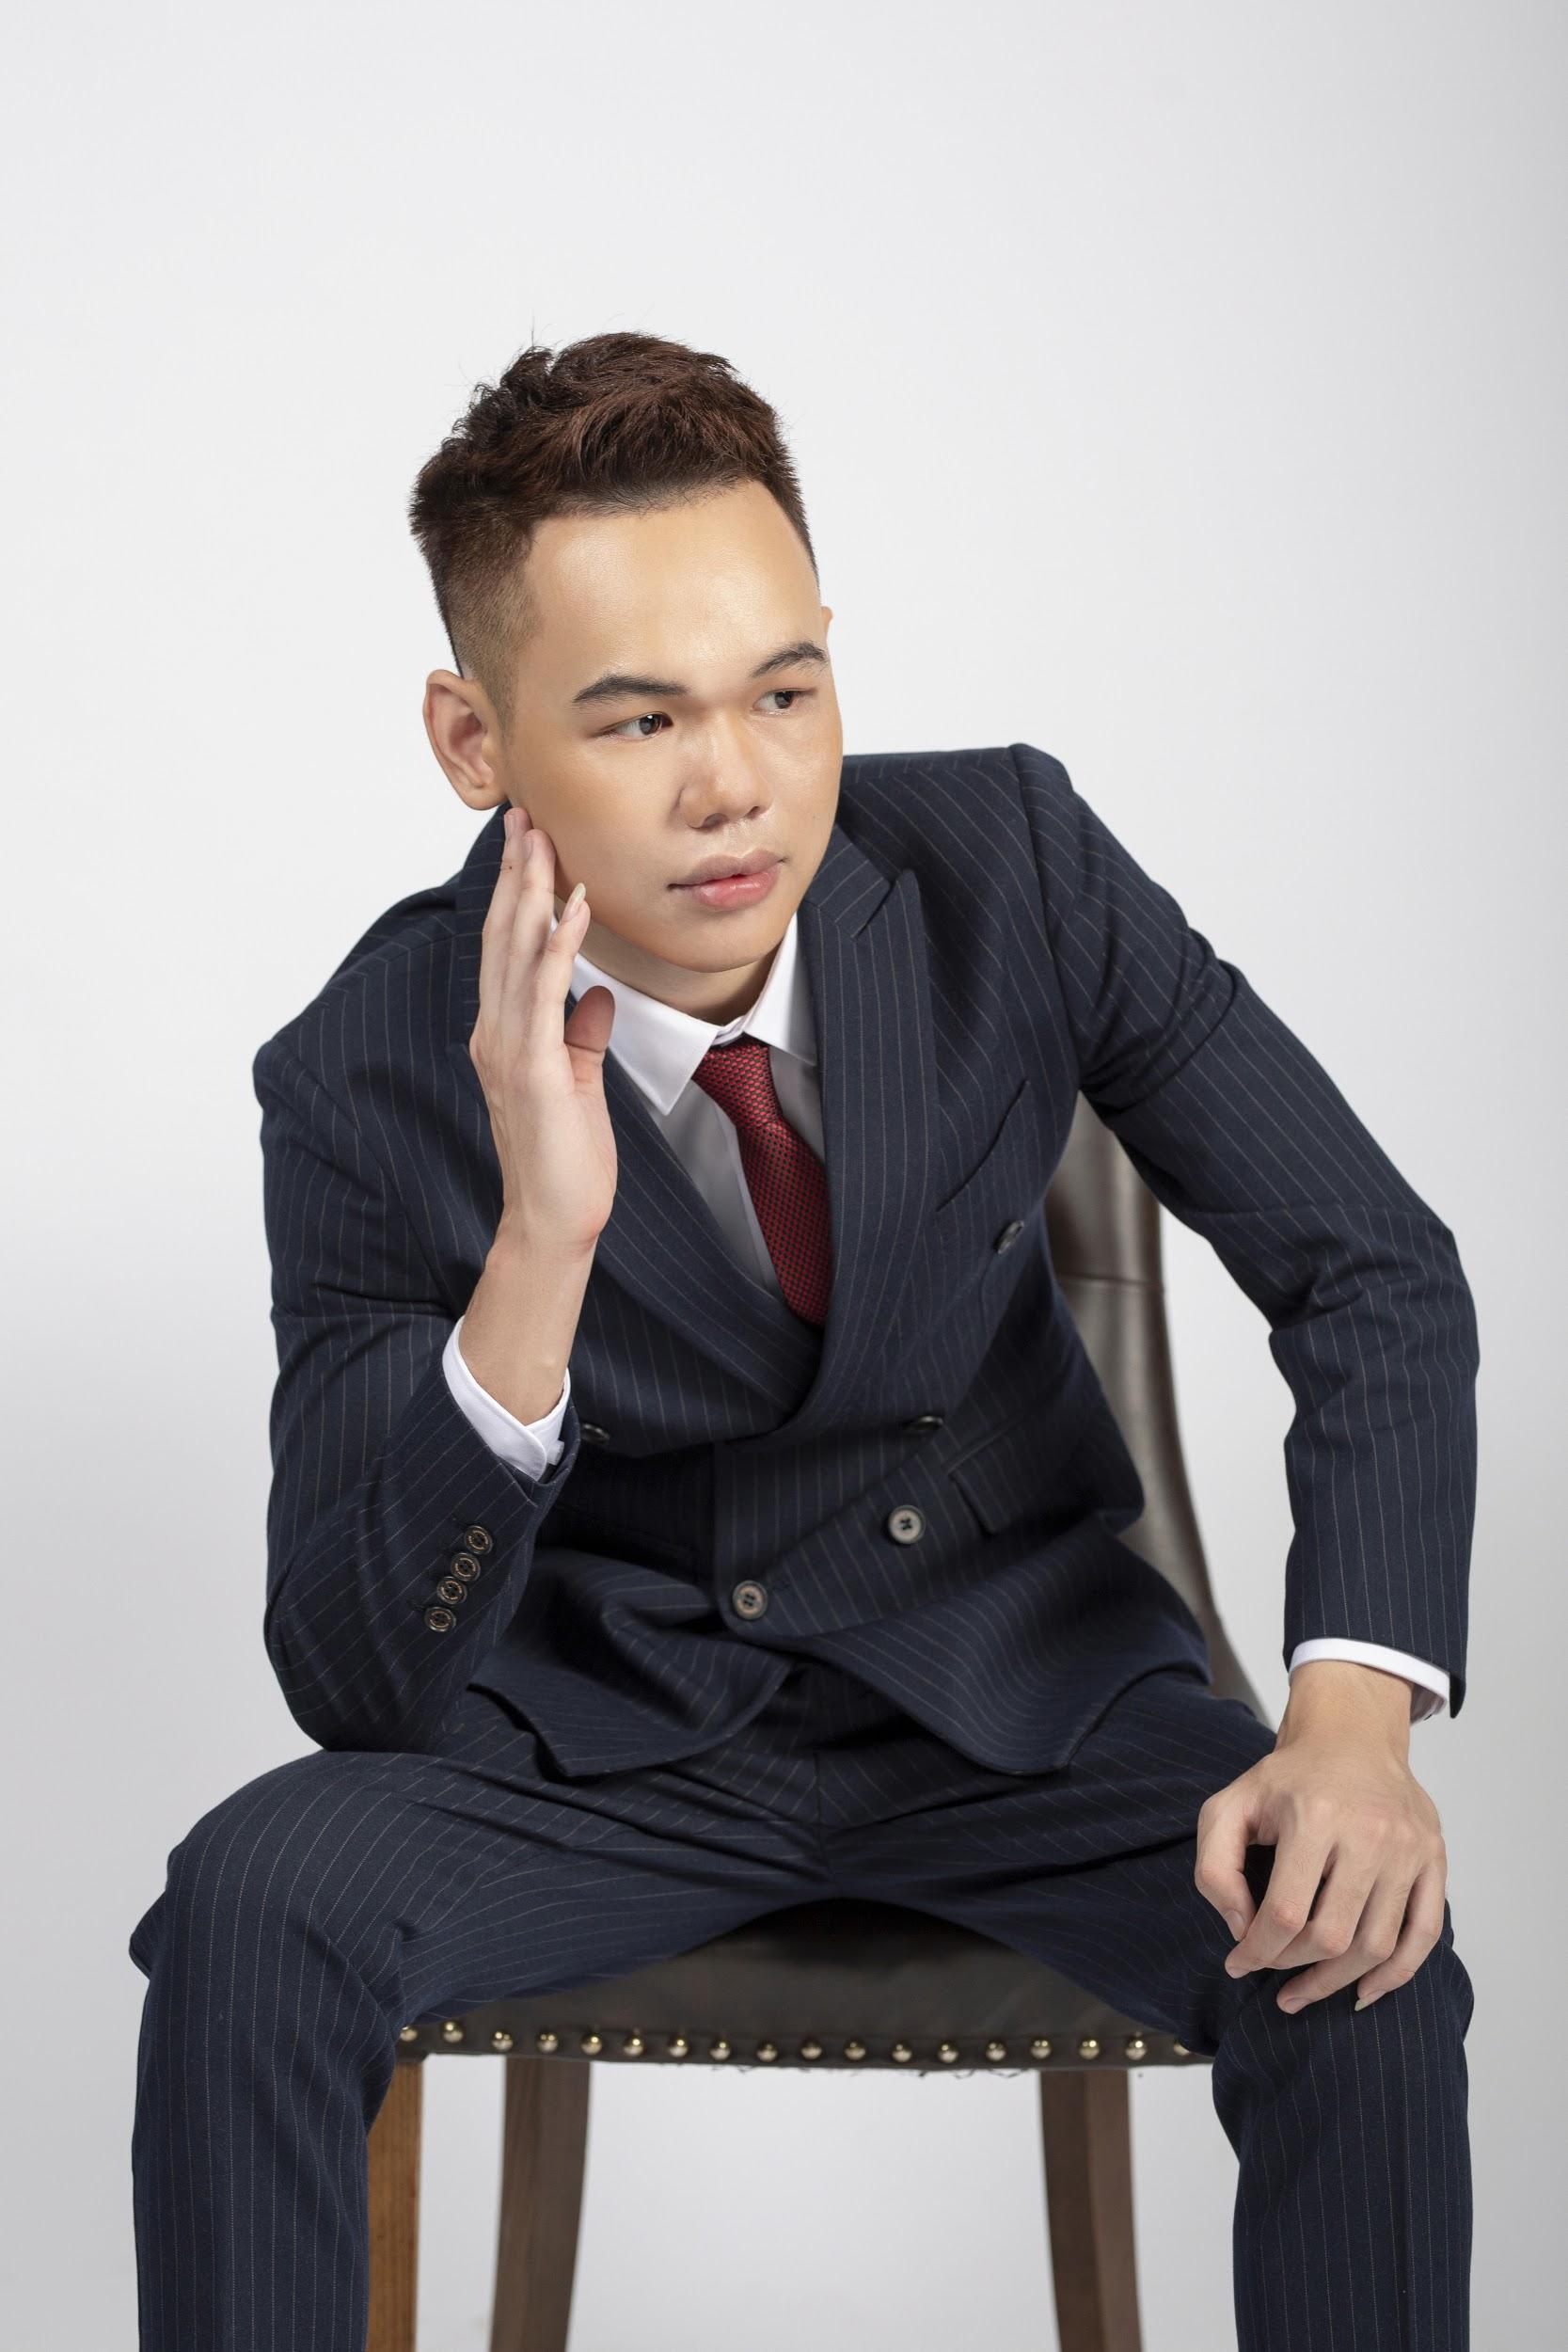 """Chuyện chưa kể về Nguyễn Công Việt Anh - giám đốc eSports HQ Group: Từ tai nạn """"từ chối tử thần"""" đến nghị lực vượt qua mặc cảm - Ảnh 2."""